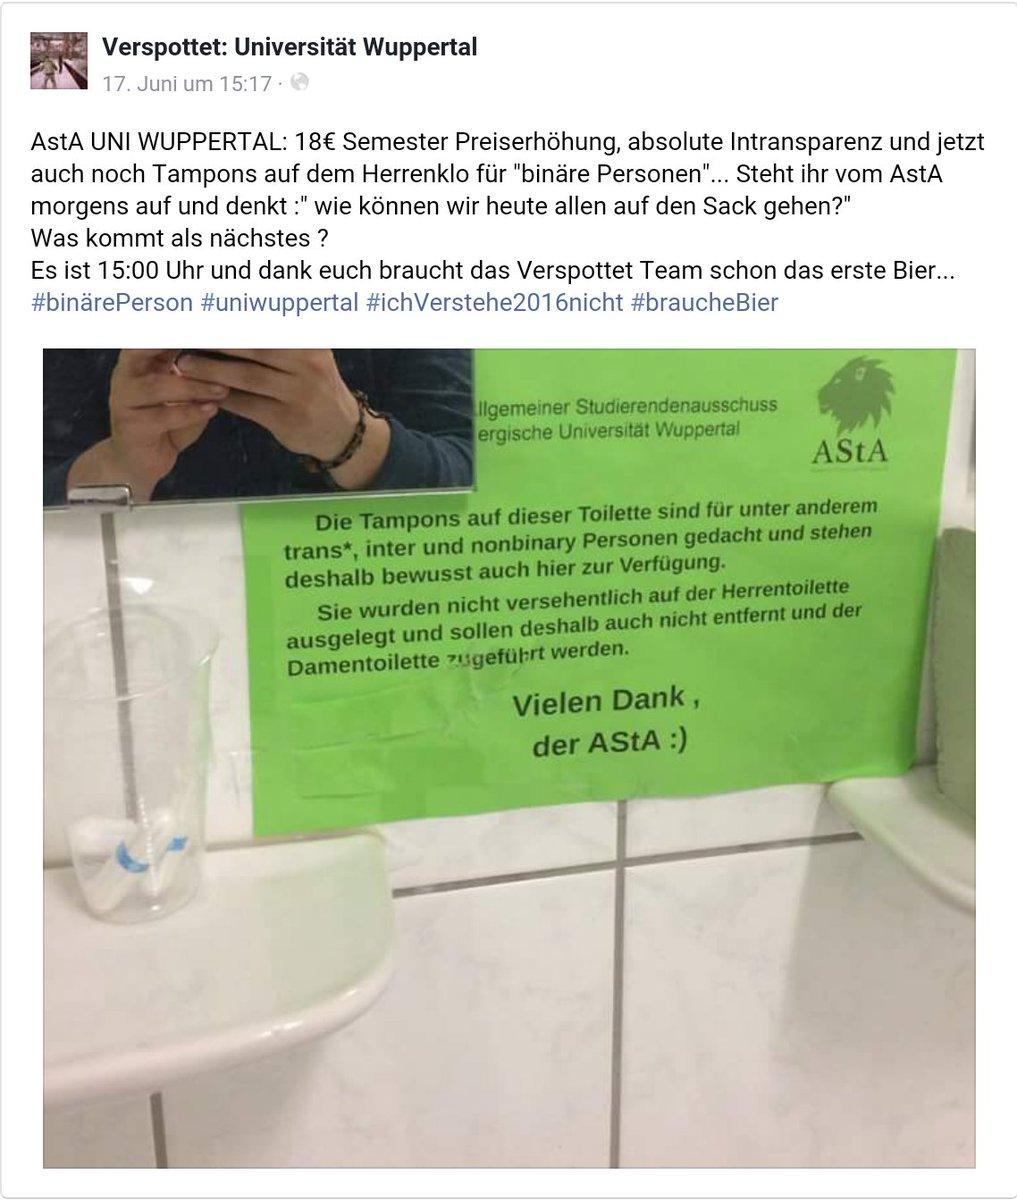 Tampons auf den Herrentoiletten der Uni Wuppertal für Trans-Personen, Inter-Personen und Non-Binary Personen. Sachen gibbet es. #Date:#